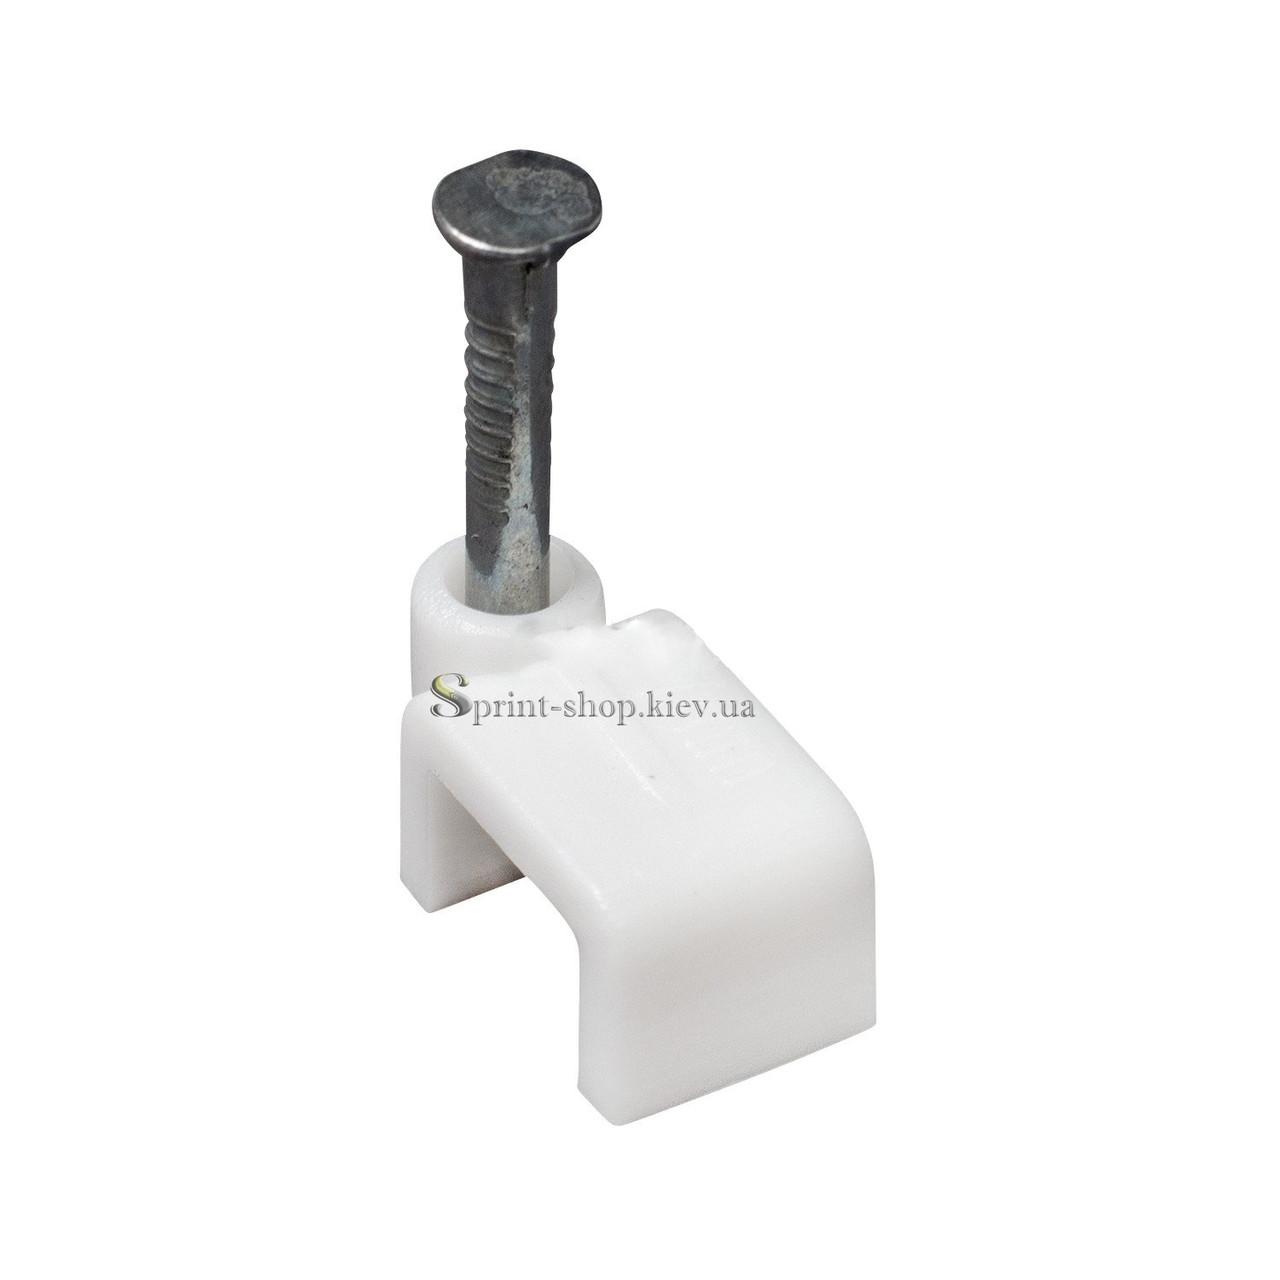 Скоба для крепления кабеля плоская 8мм/4мм